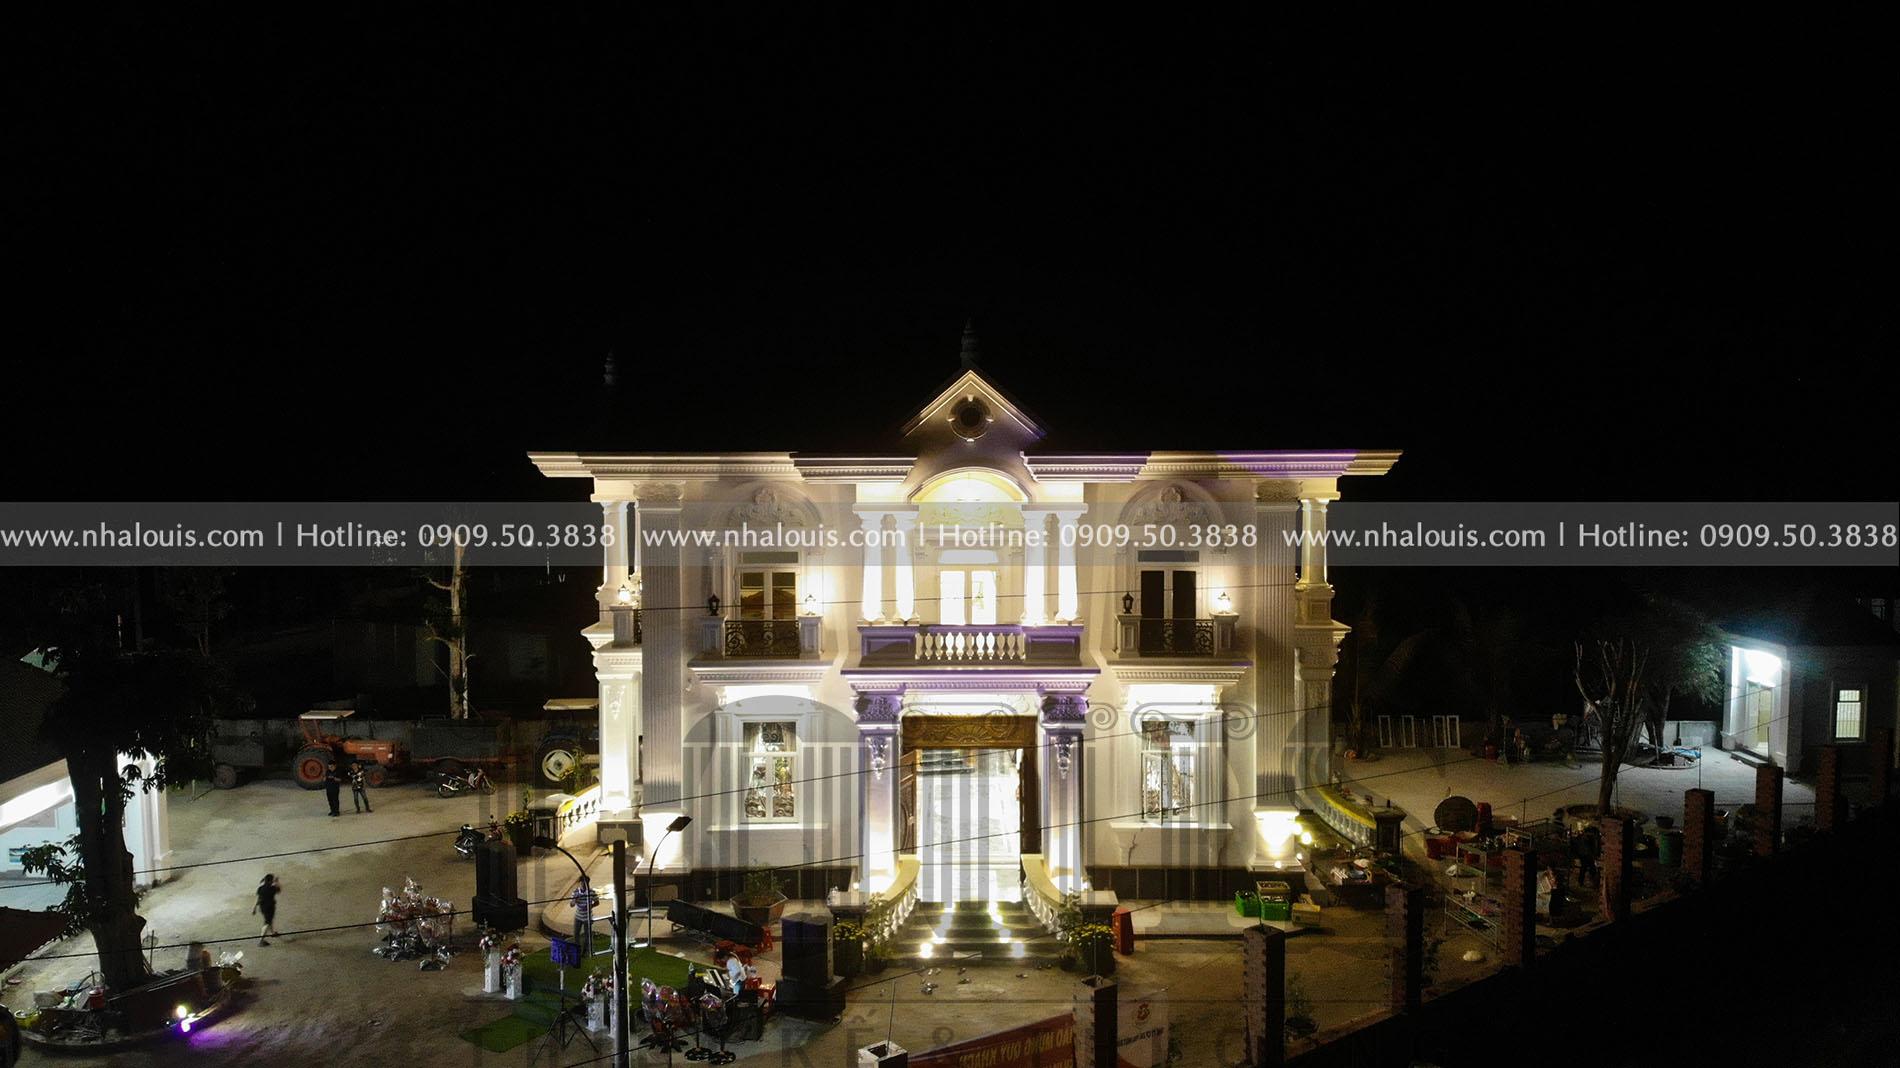 Thi công biệt thự 2 tầng mái thái đẹp sang trọng tại Tây Ninh